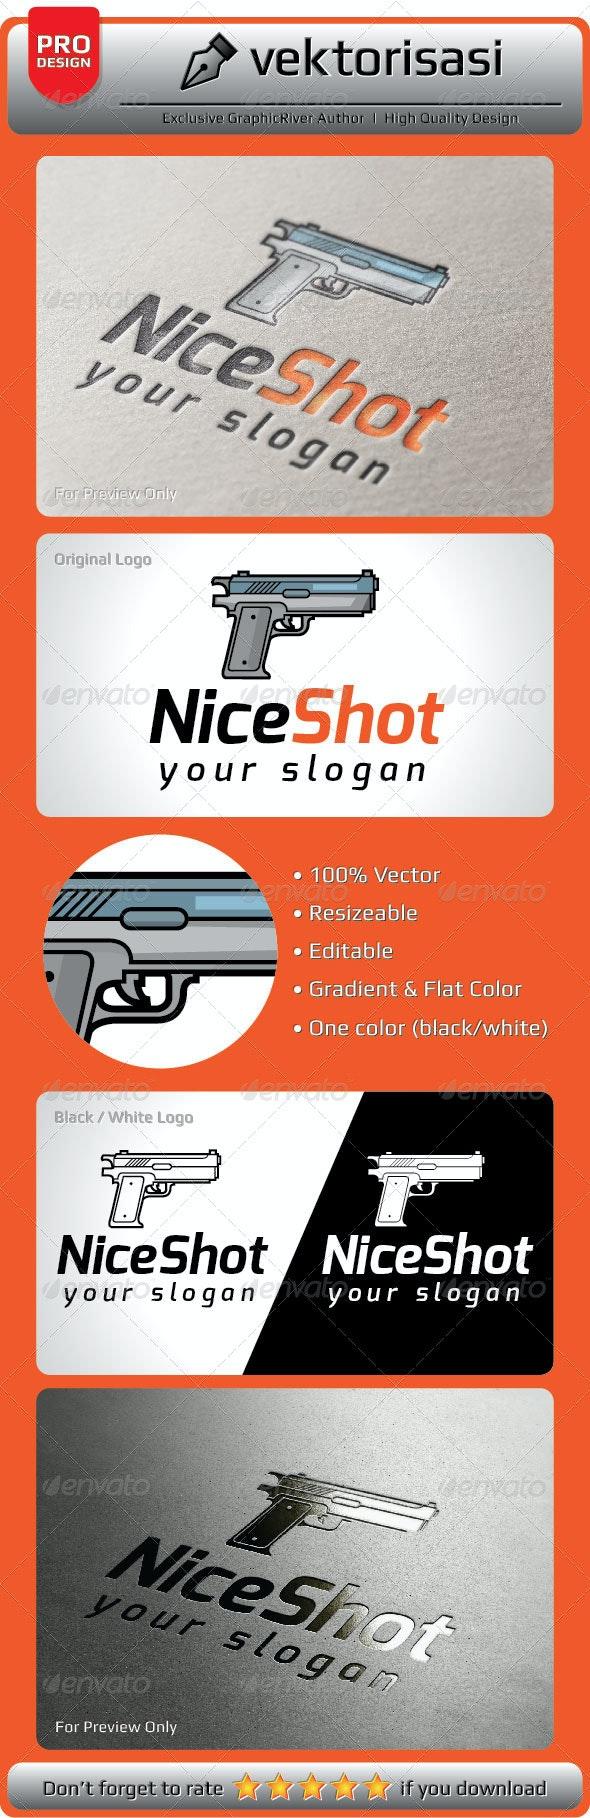 NiceShot Logo